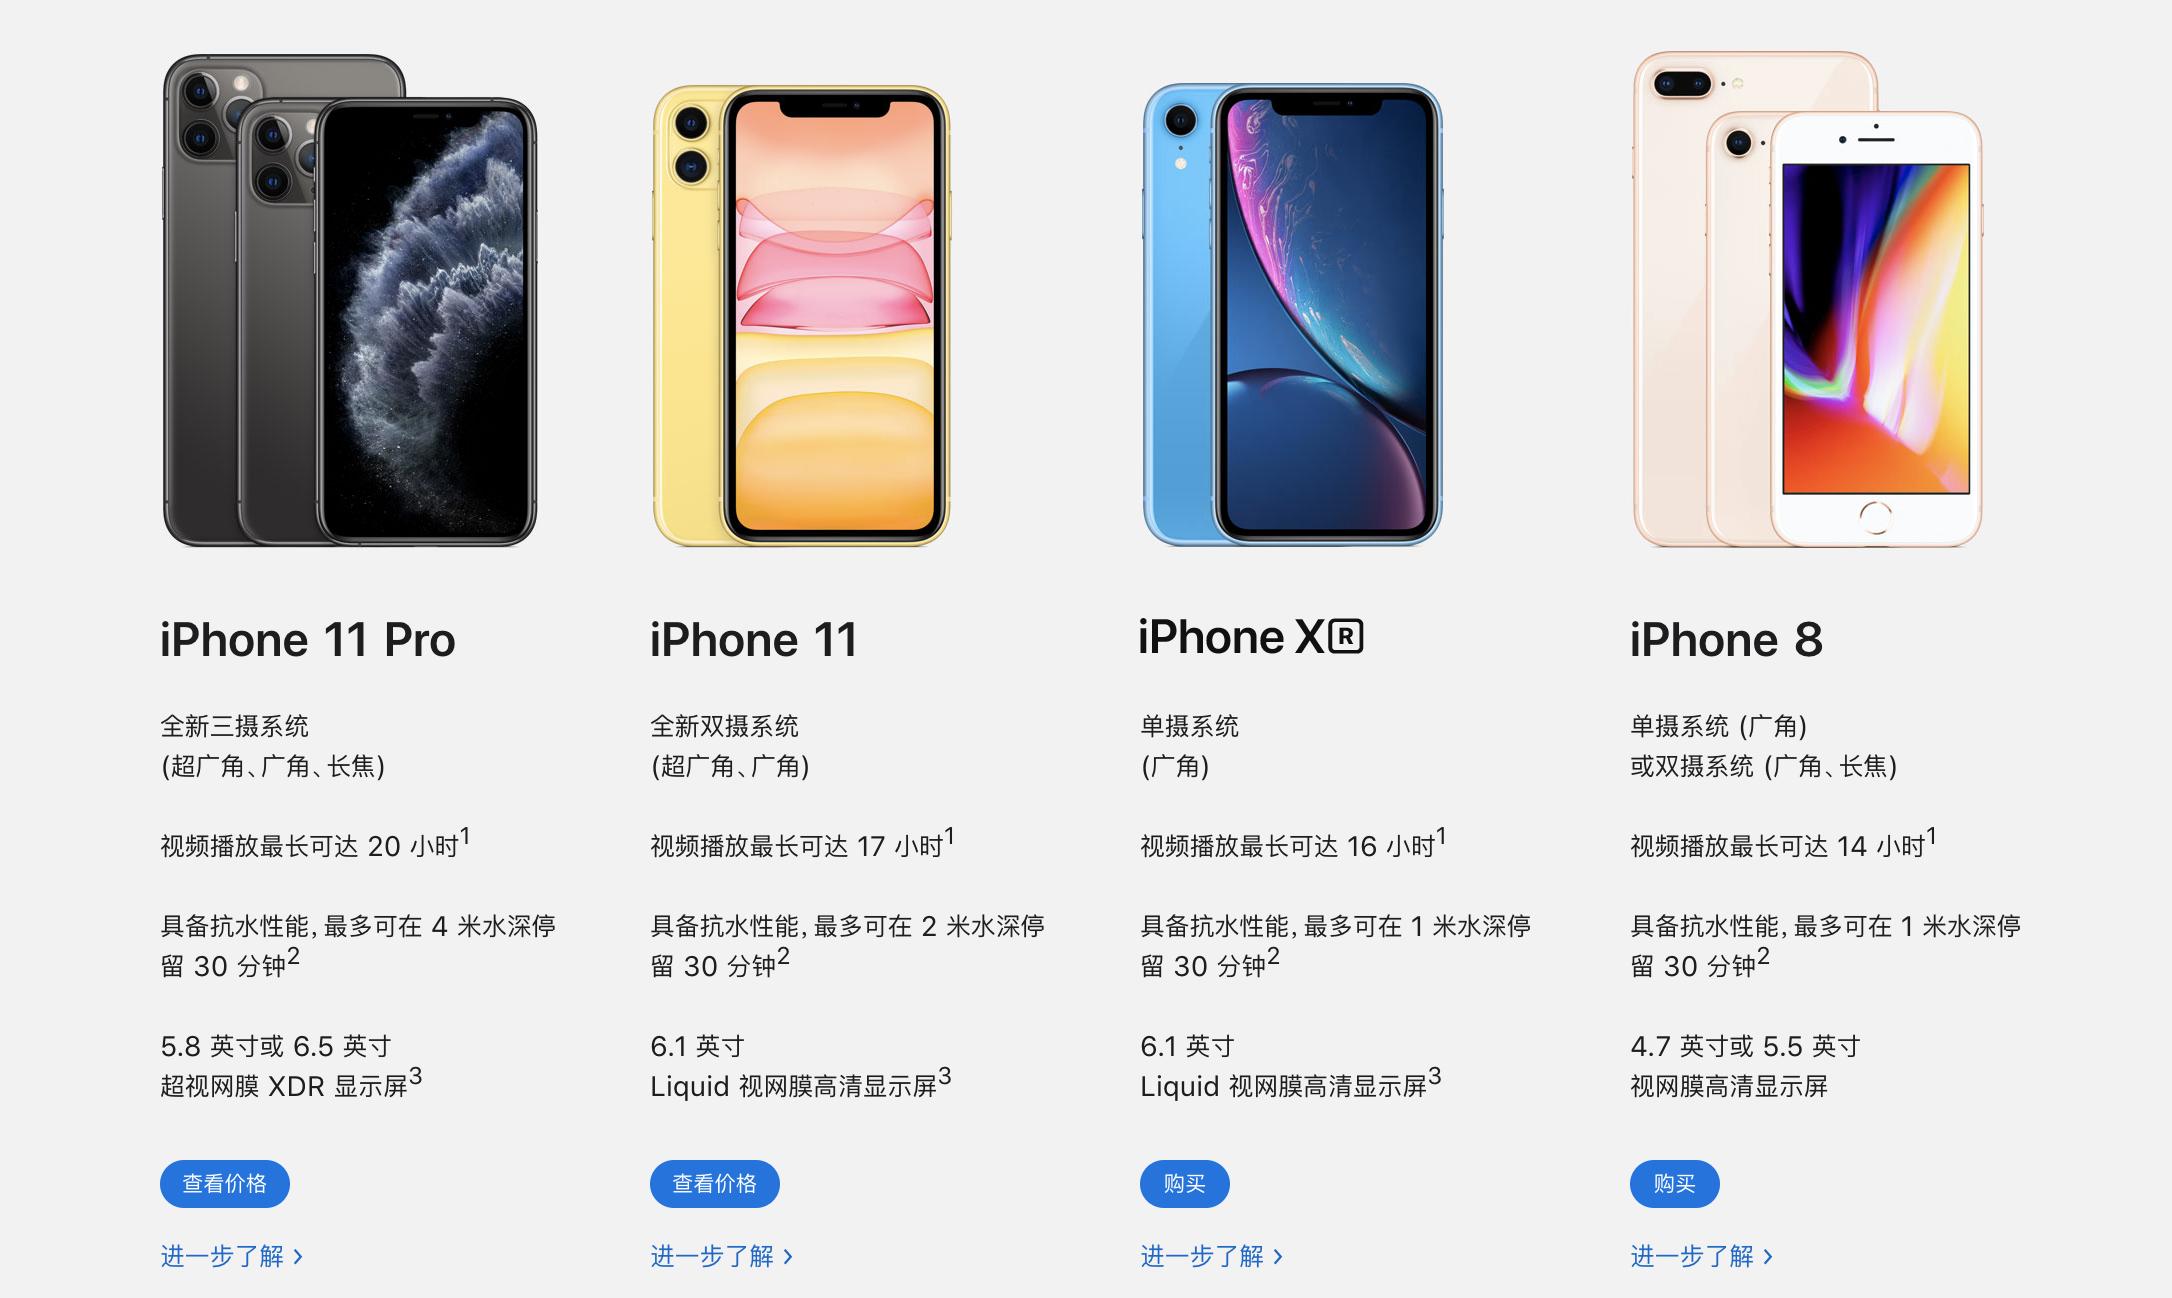 苹果发布iPhone 11等新品 外国人评论吐槽汇总